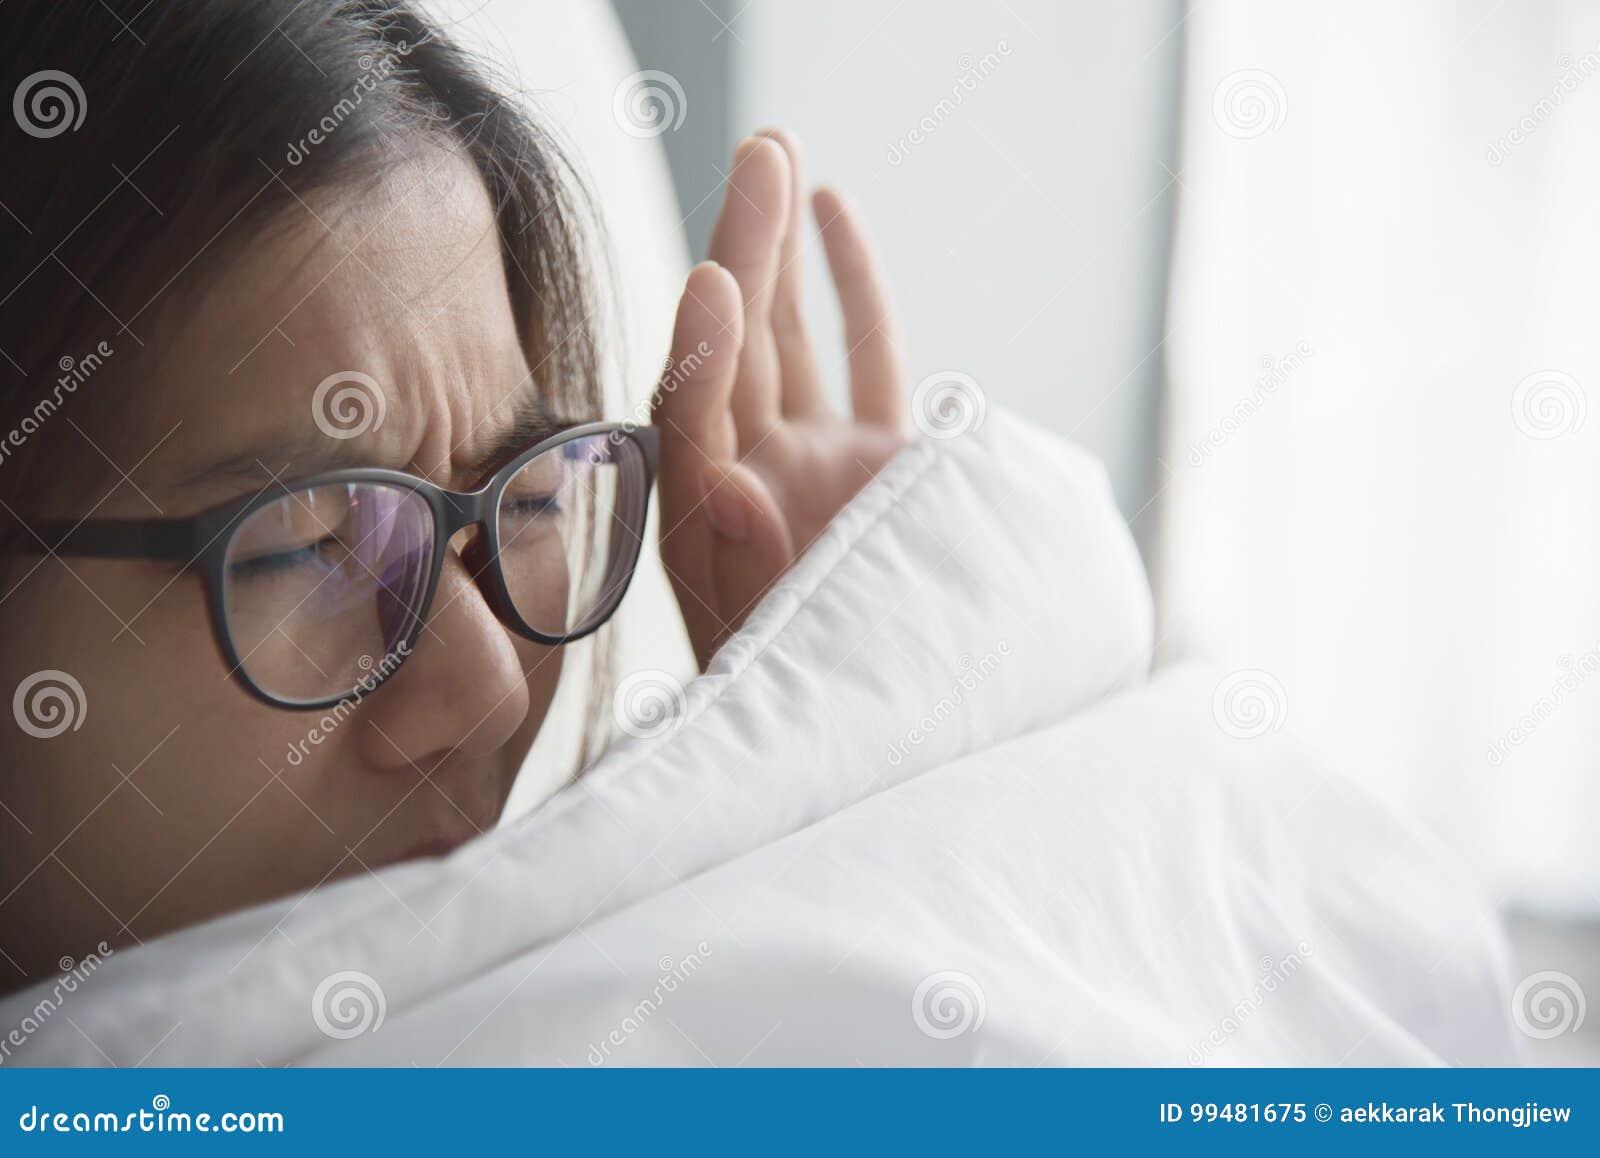 Ασιατική γυναίκα που έχει το πρόβλημα για να σηκωθεί νωρίς το πρωί